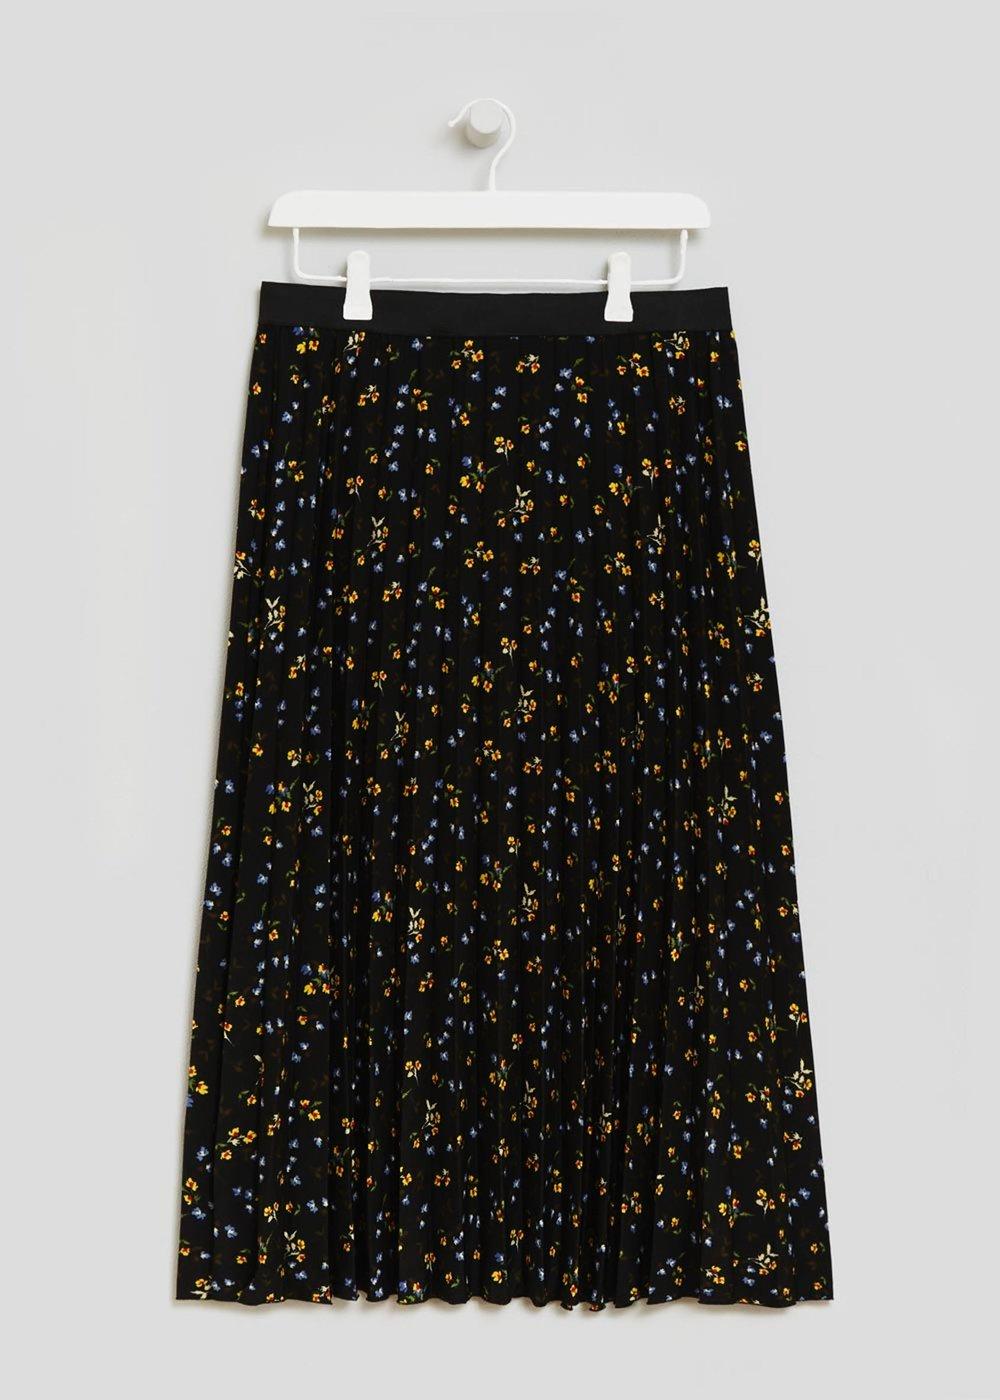 Skirt, £18